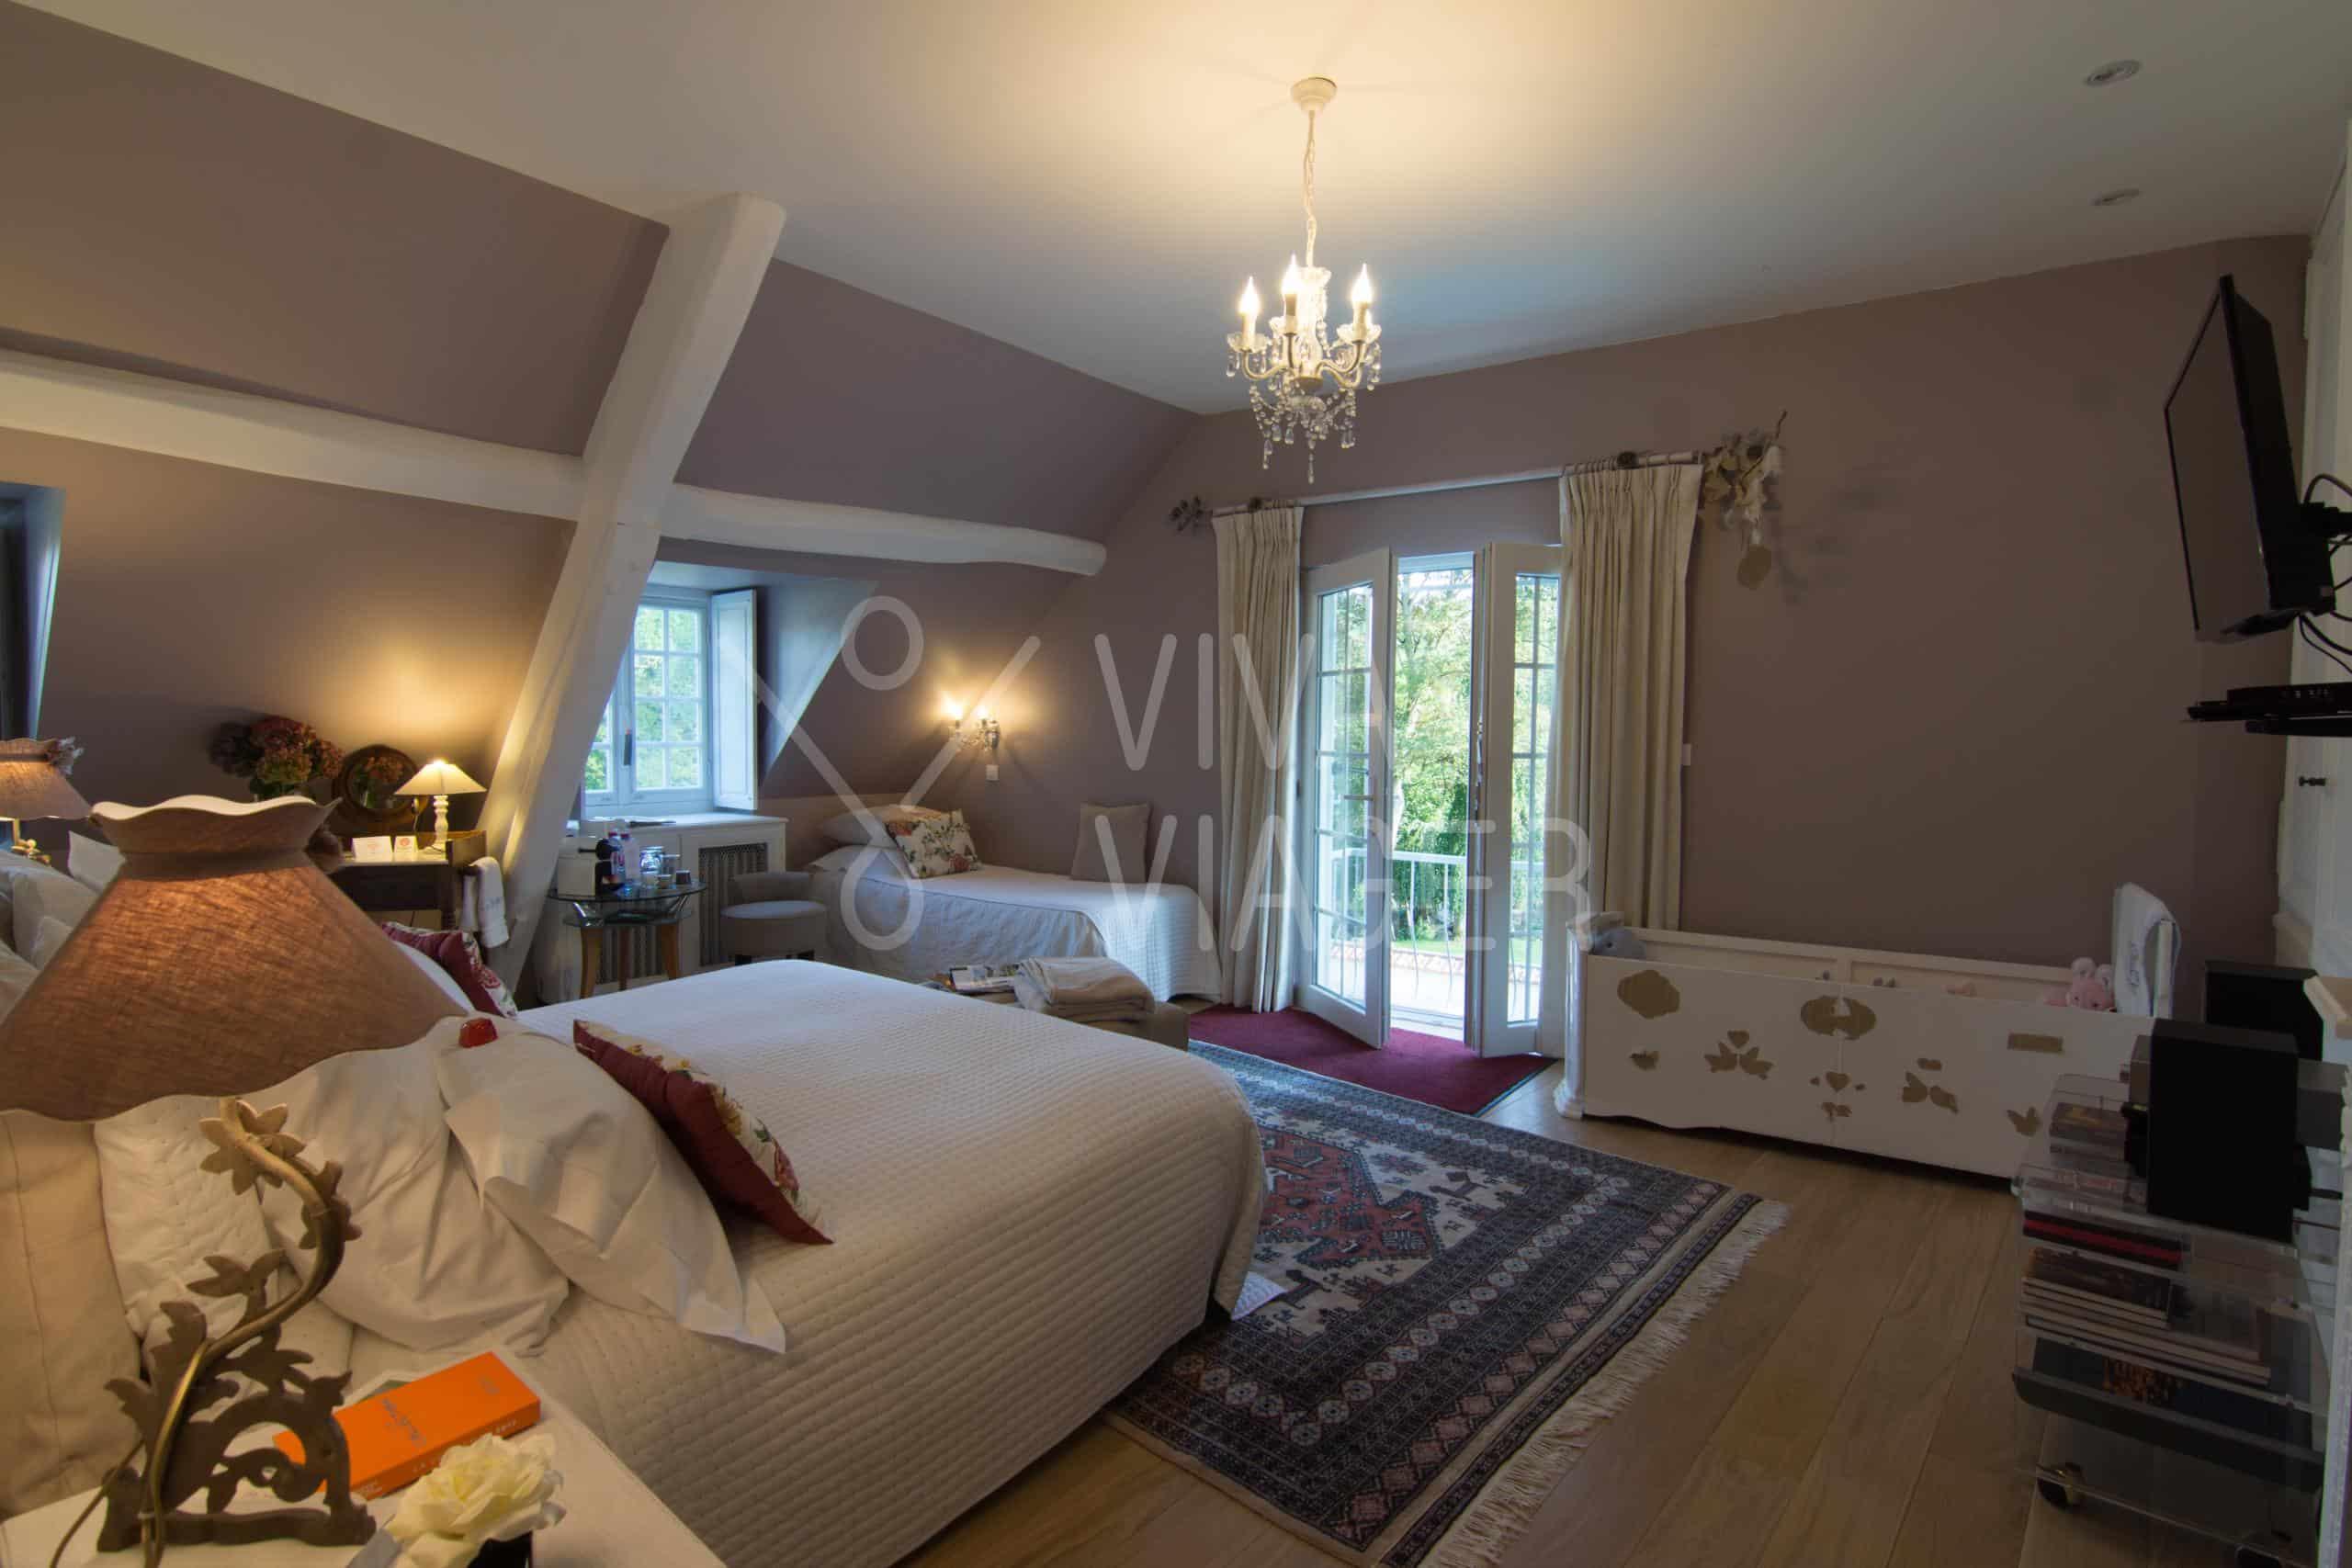 Demeure de charme 300 m² – Vente à terme – Rambouillet